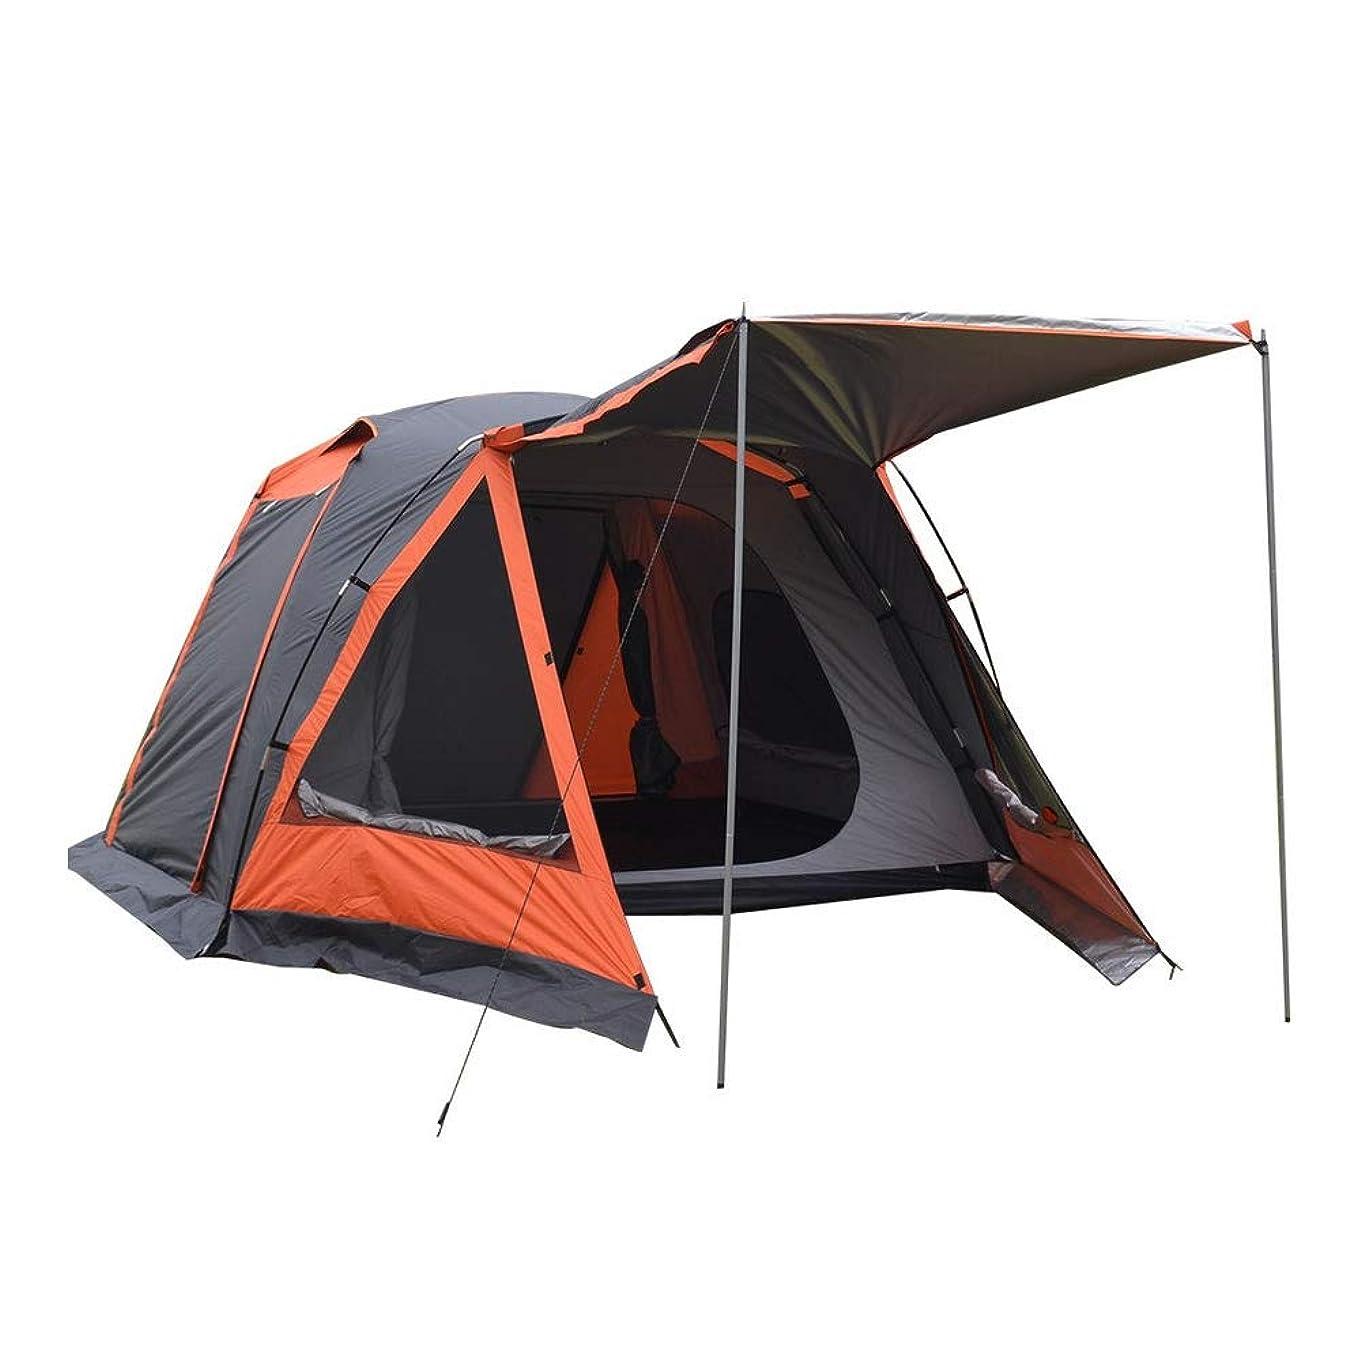 劇作家お茶仕方Hewflit オールインワンテントbigサイズ ツールームテント ツーリングテント 高さ150cm 3~4人用 キャンプ用品 テント ツールームドーム キャリーバッグ付 [並行輸入品]